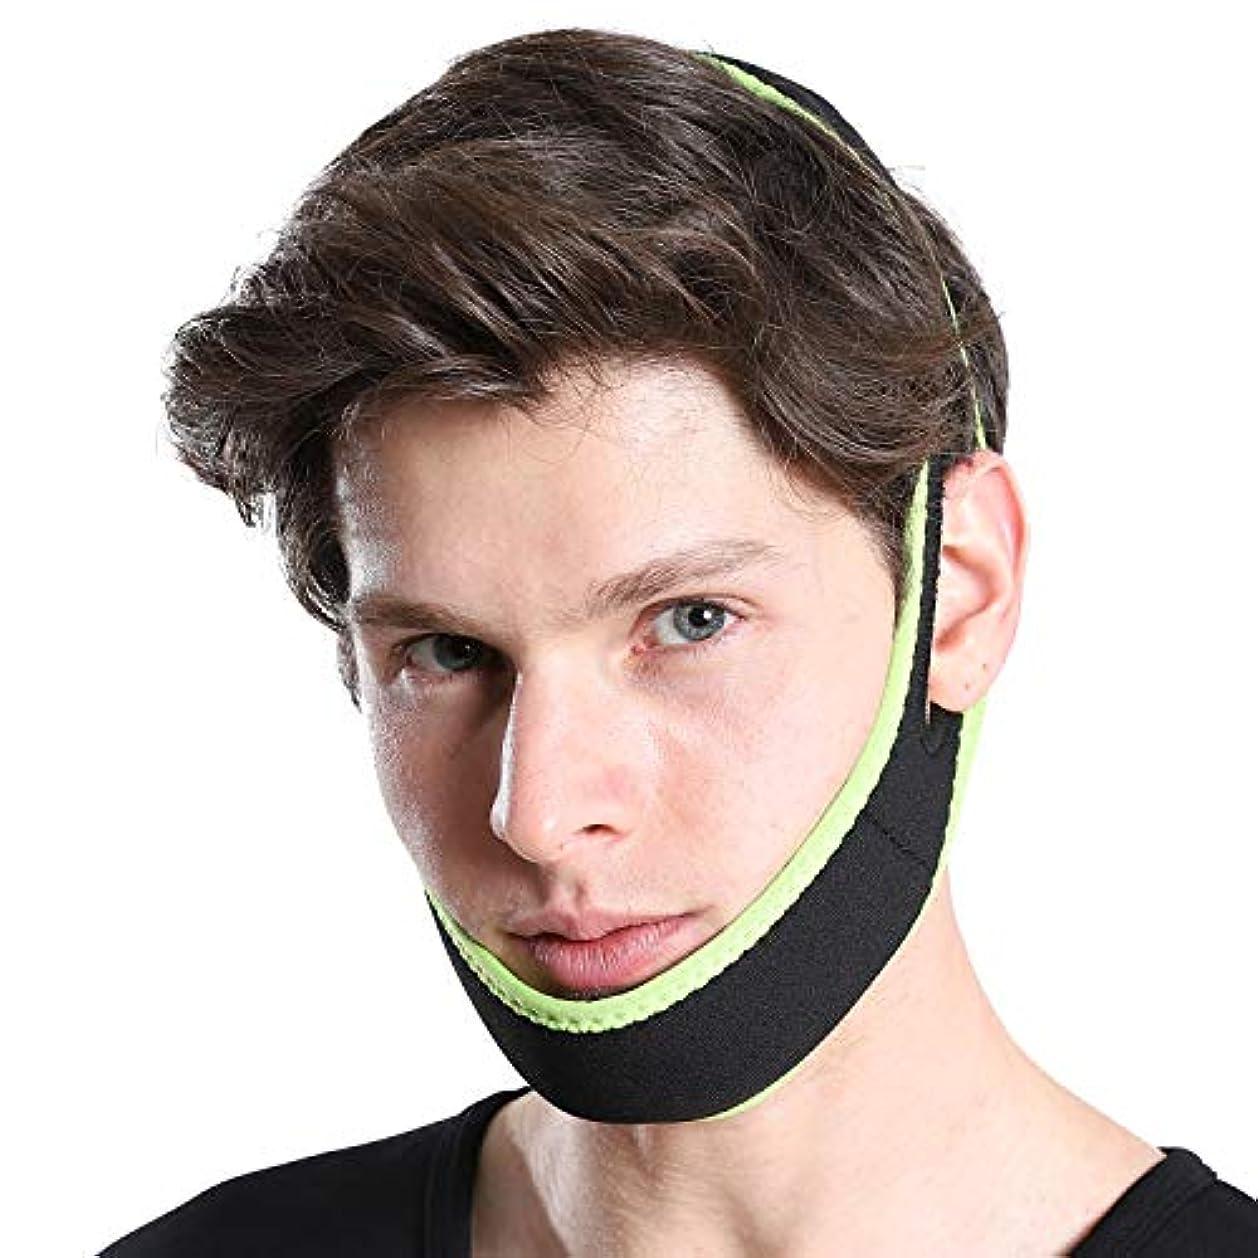 軌道無実一口ELPIRKA 小顔マスク メンズ ゲルマニウムチタン 配合で 顔痩せ 小顔 リフトアップ!